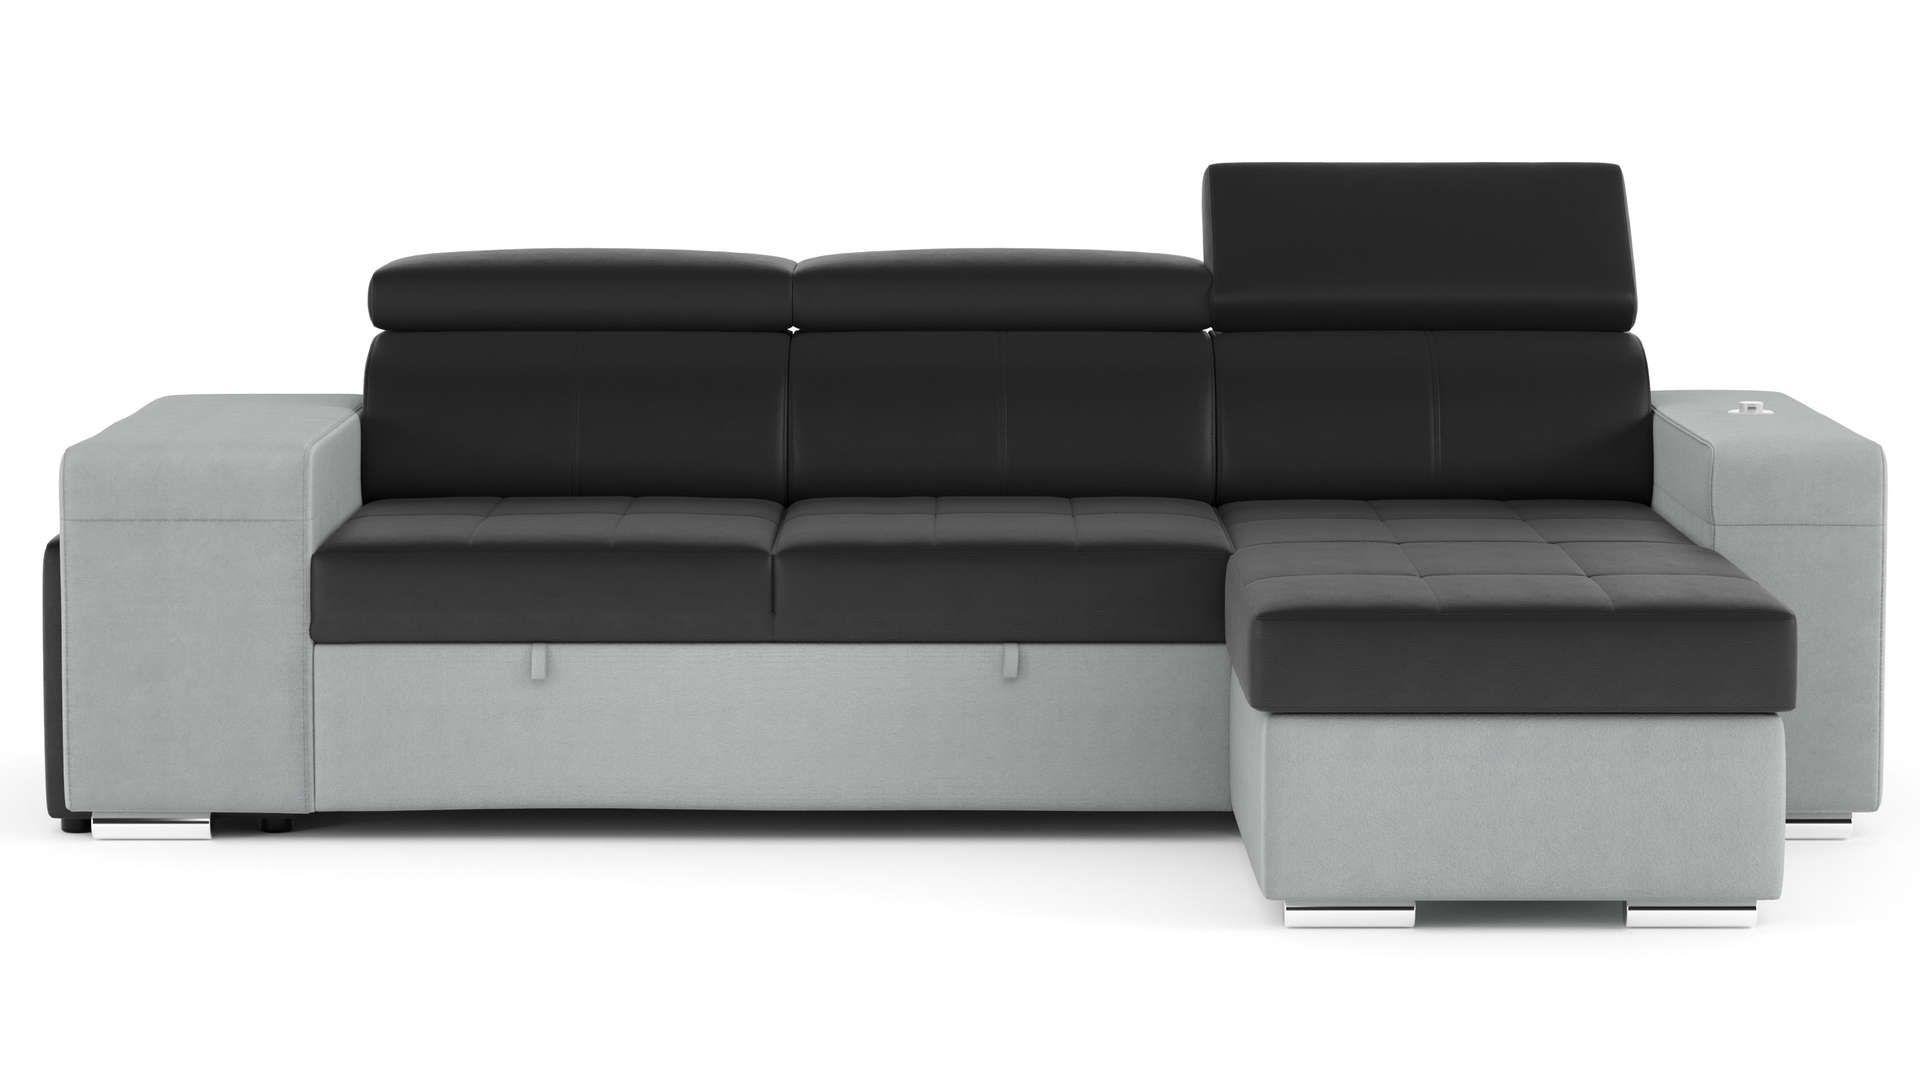 Canape D Angle Convertible Et Reversible 4 Places En Cuir Tissu Harold Coloris Noir Gris Canape Angle Convertible Canape Angle Et Lit Confortable